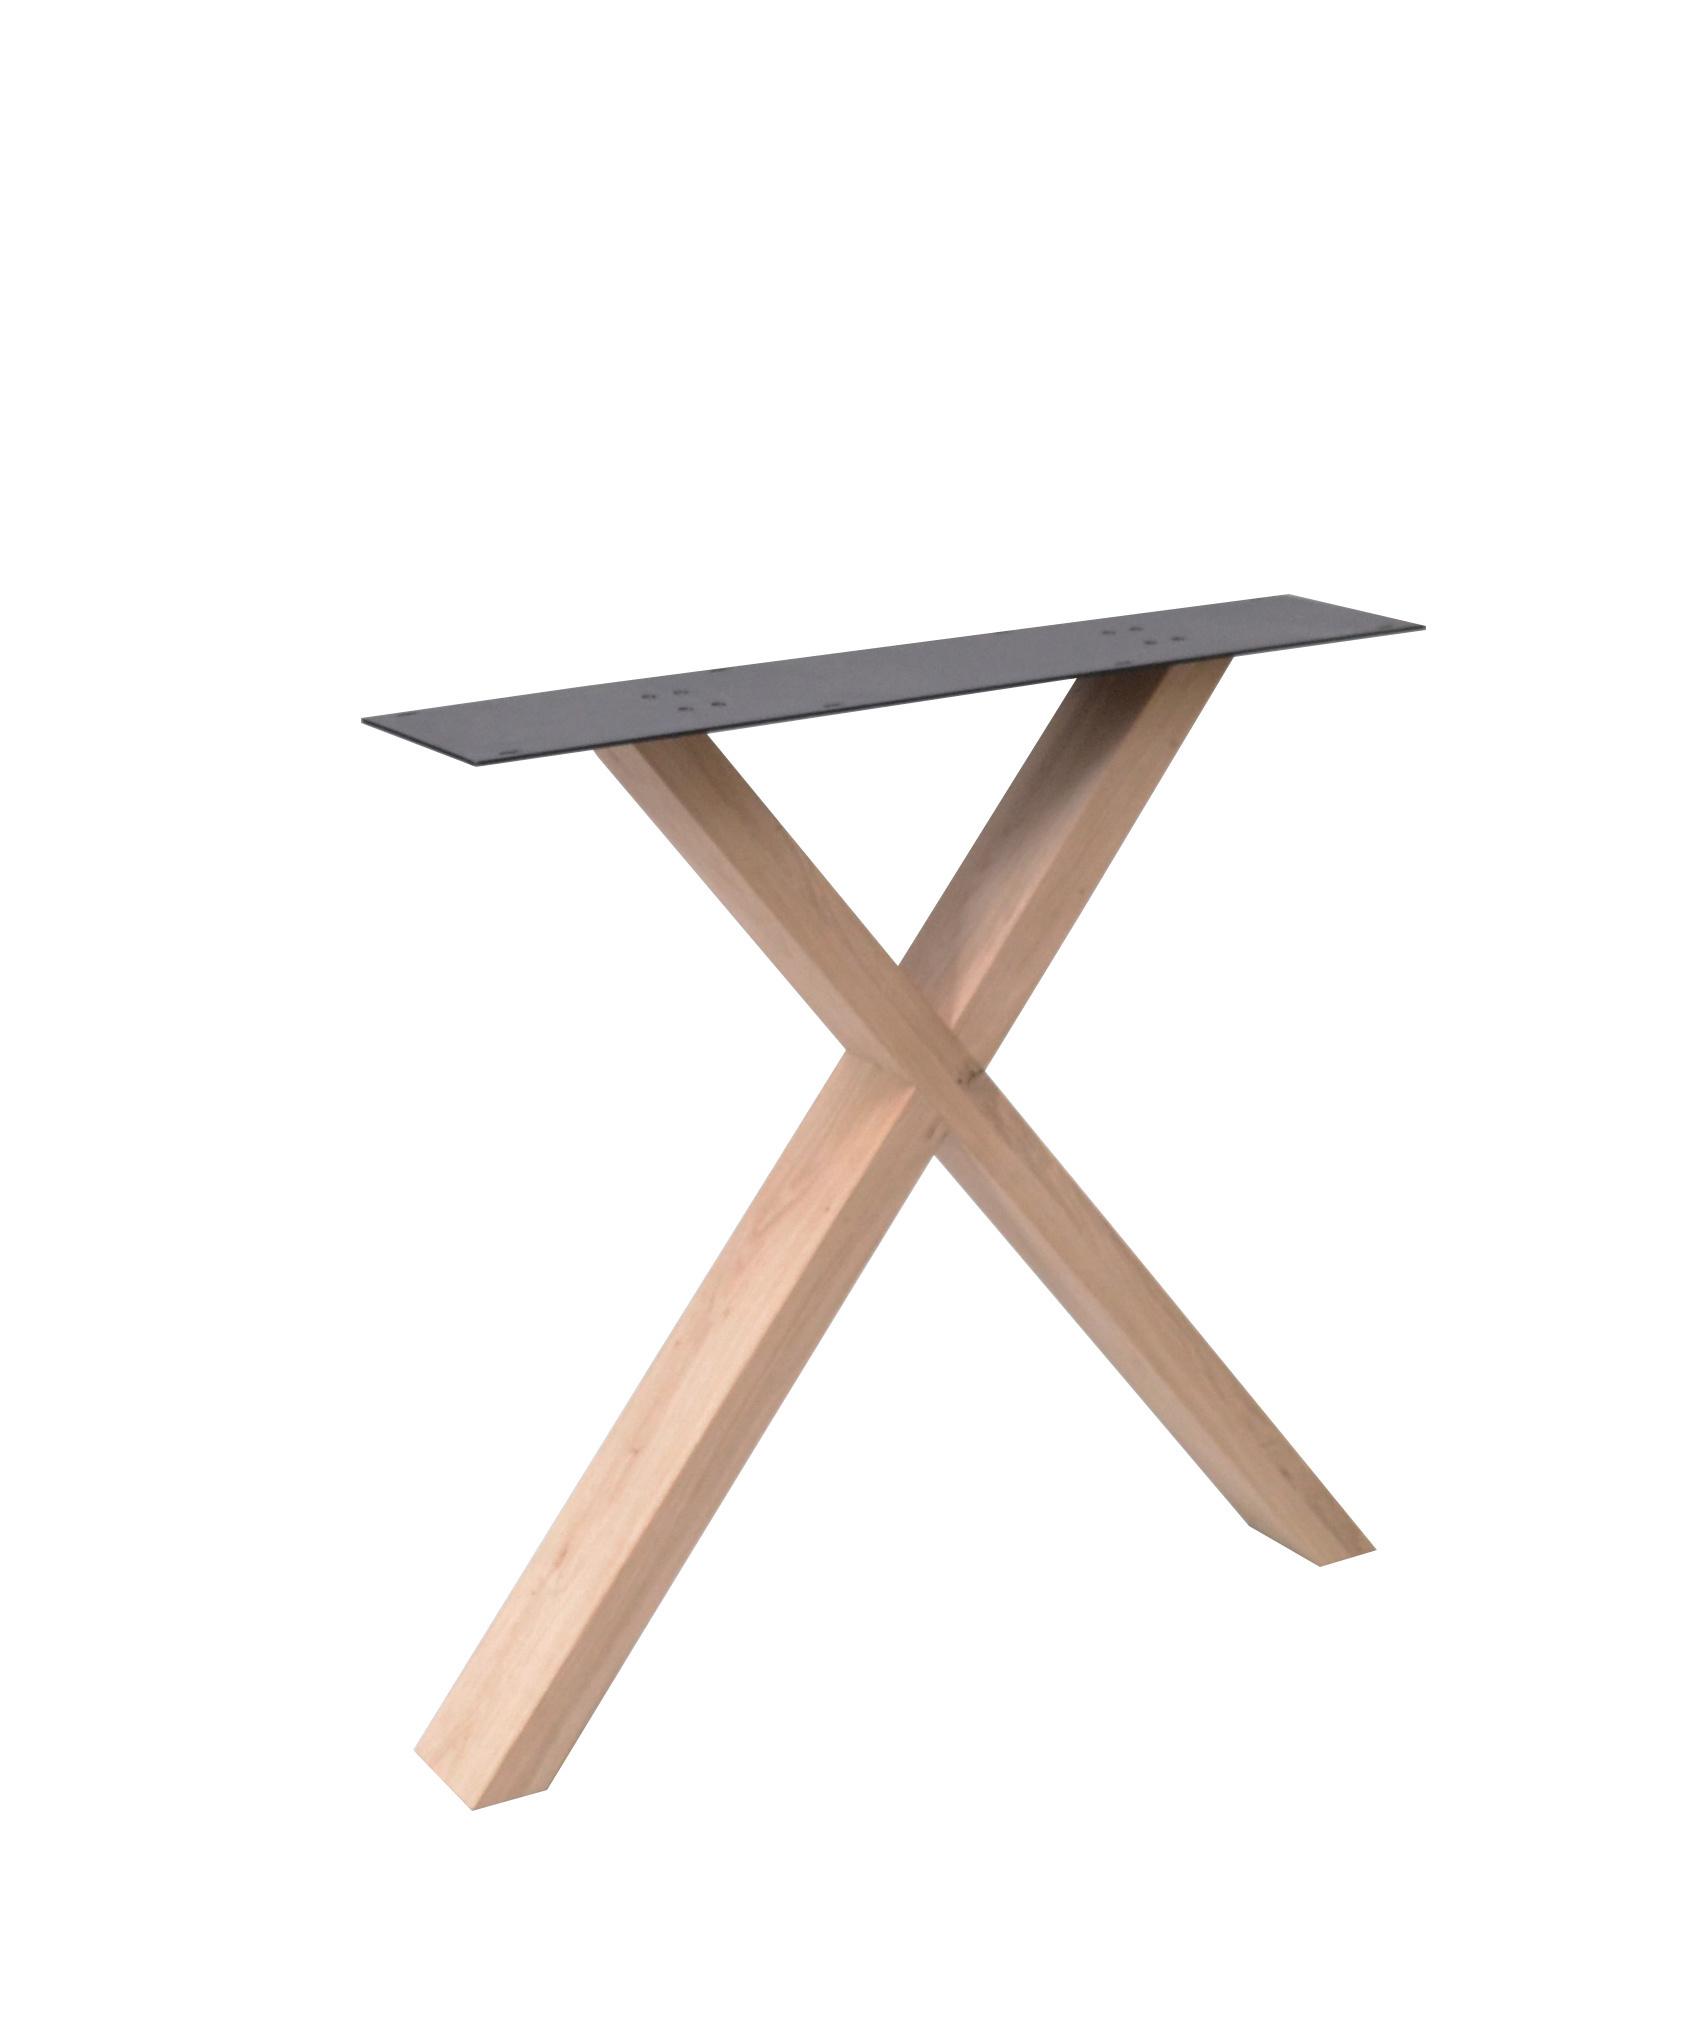 X Tischbeine Eiche Elegant (SET - 2 Stück) 4x10 cm -78 cm breit - 72 cm hoch - Eichenholz leicht Rustikal - X Tischkufen - Massiv verleimt - künstlich getrocknet HF 12%